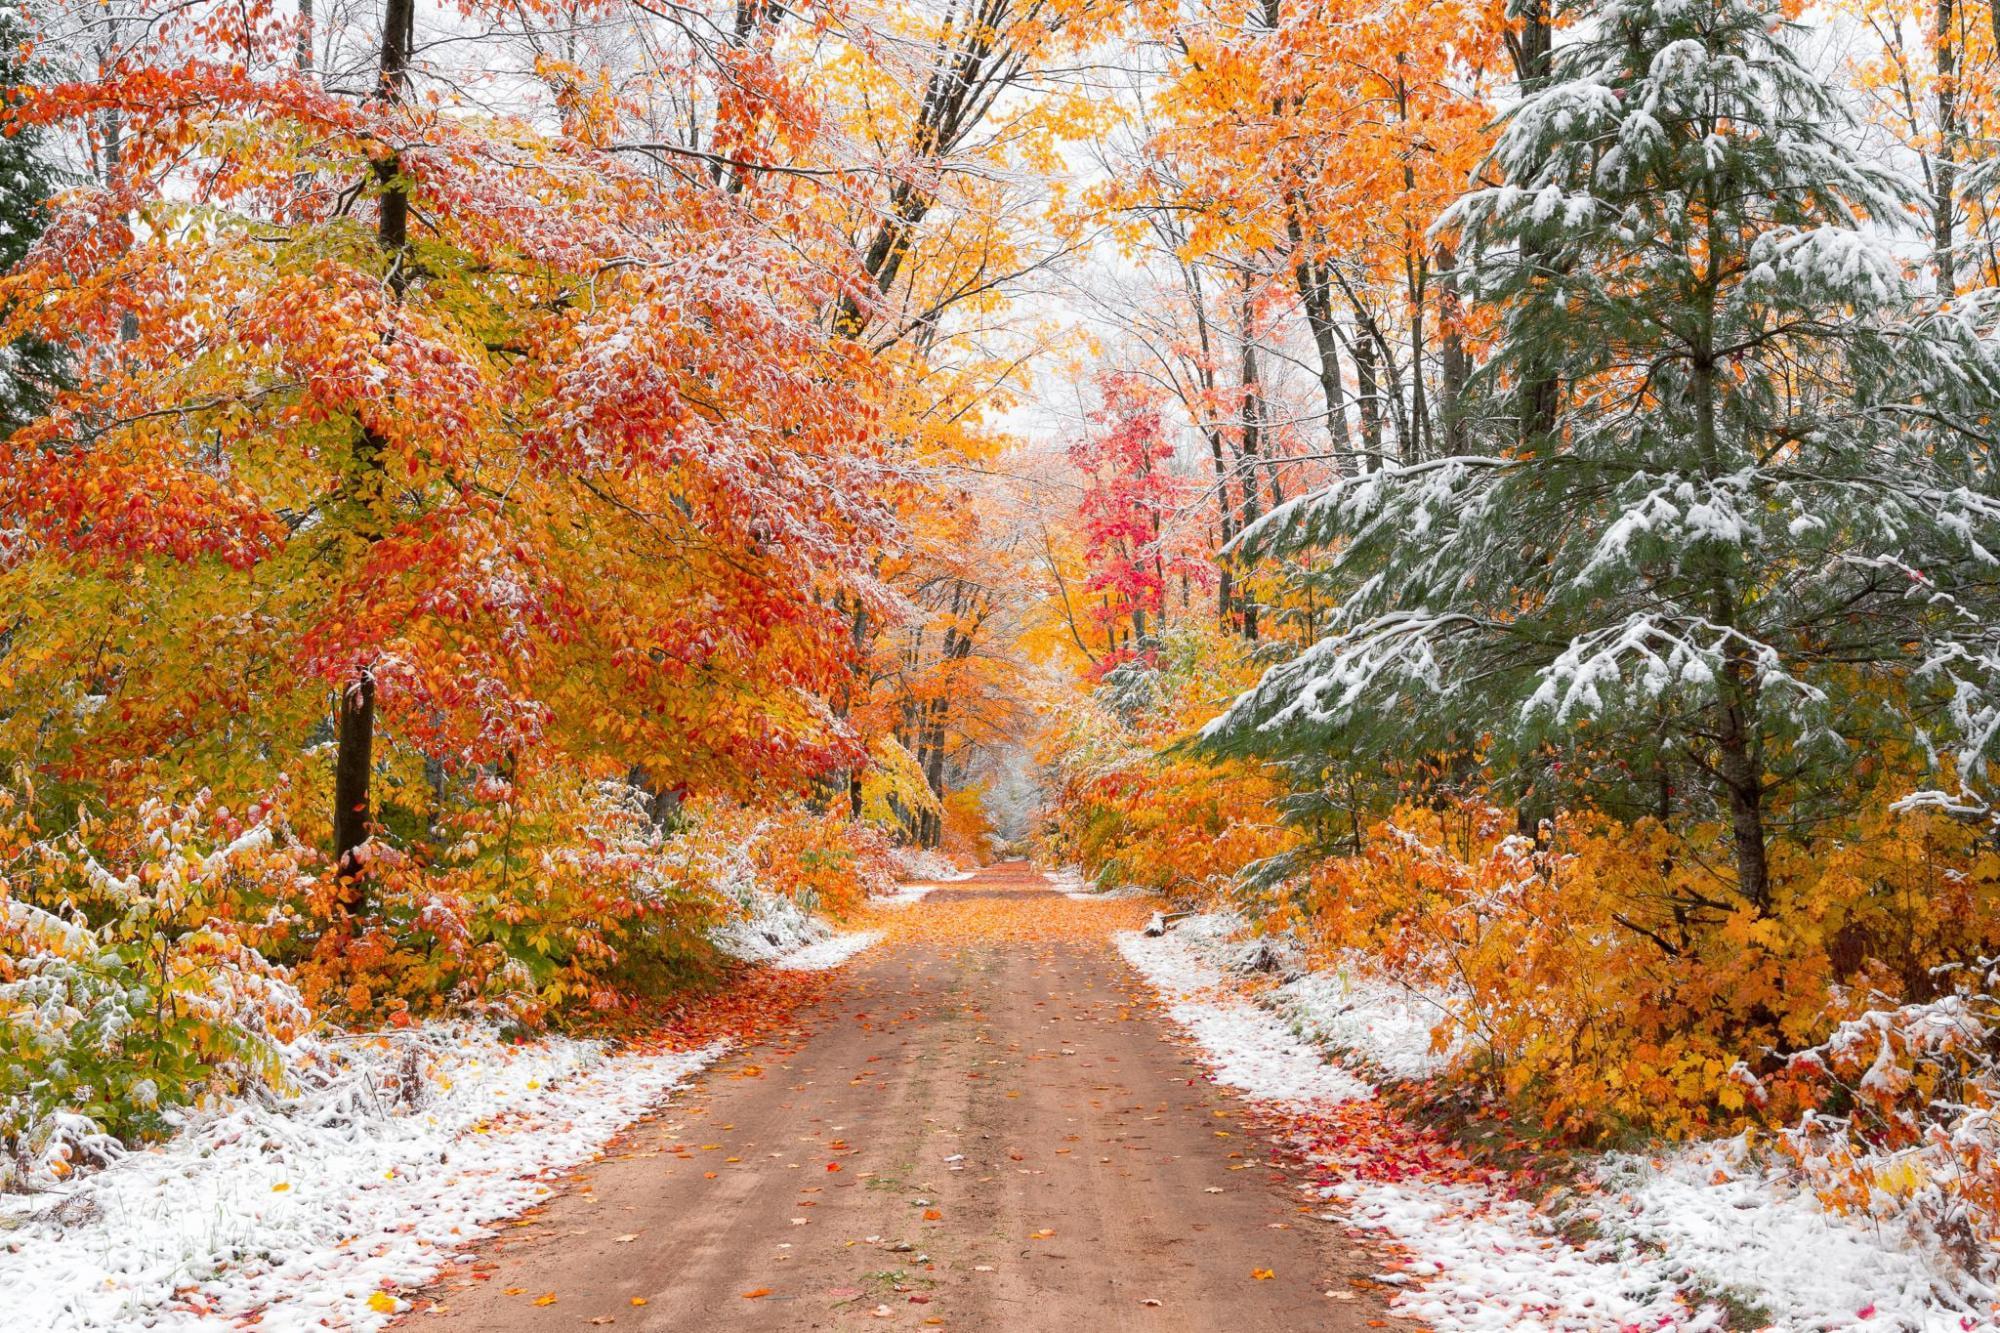 Перший сніг в Україні може випасти вже в жовтні – метеоролог